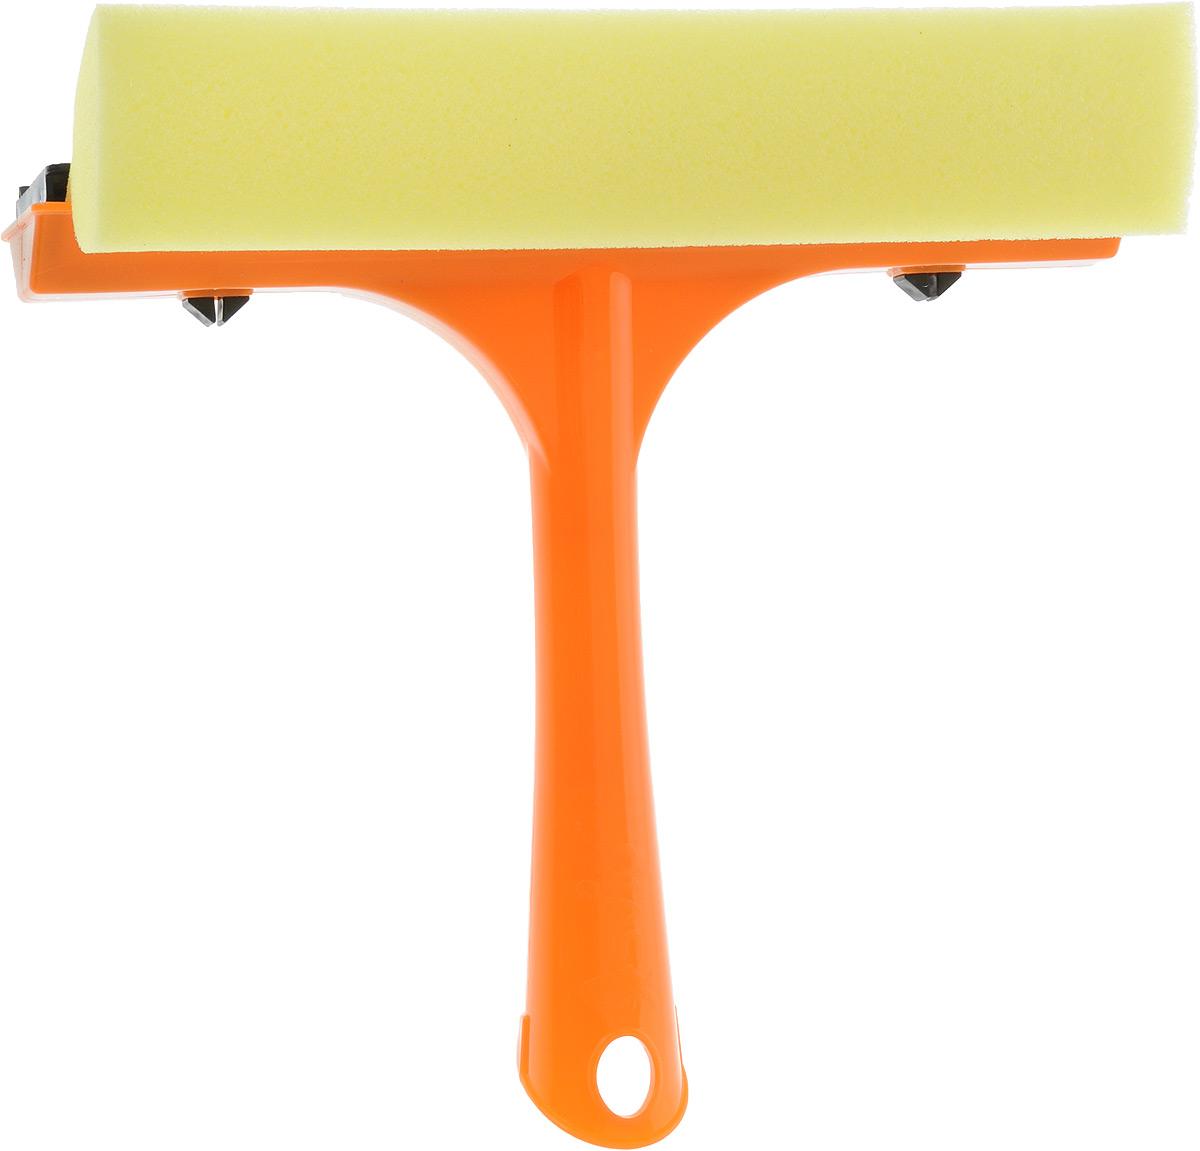 Стеклоочиститель Svip, с водосгоном, цвет: оранжевый, желтый, длина 20 смМ 5177Стеклоочиститель Svip, оснащенный удобной пластиковой ручкой, станет незаменимымпомощником при уборке. Стеклоочиститель с одной стороны имеет поролоновую губку для тщательного отмывания, а с другойрезиновую кромку, с помощью которой легко собрать всю влагу, оставив стекло зеркально чистым и без разводов.Длина ручки: 15,5 см, Ширина рабочей поверхности: 21,3см.